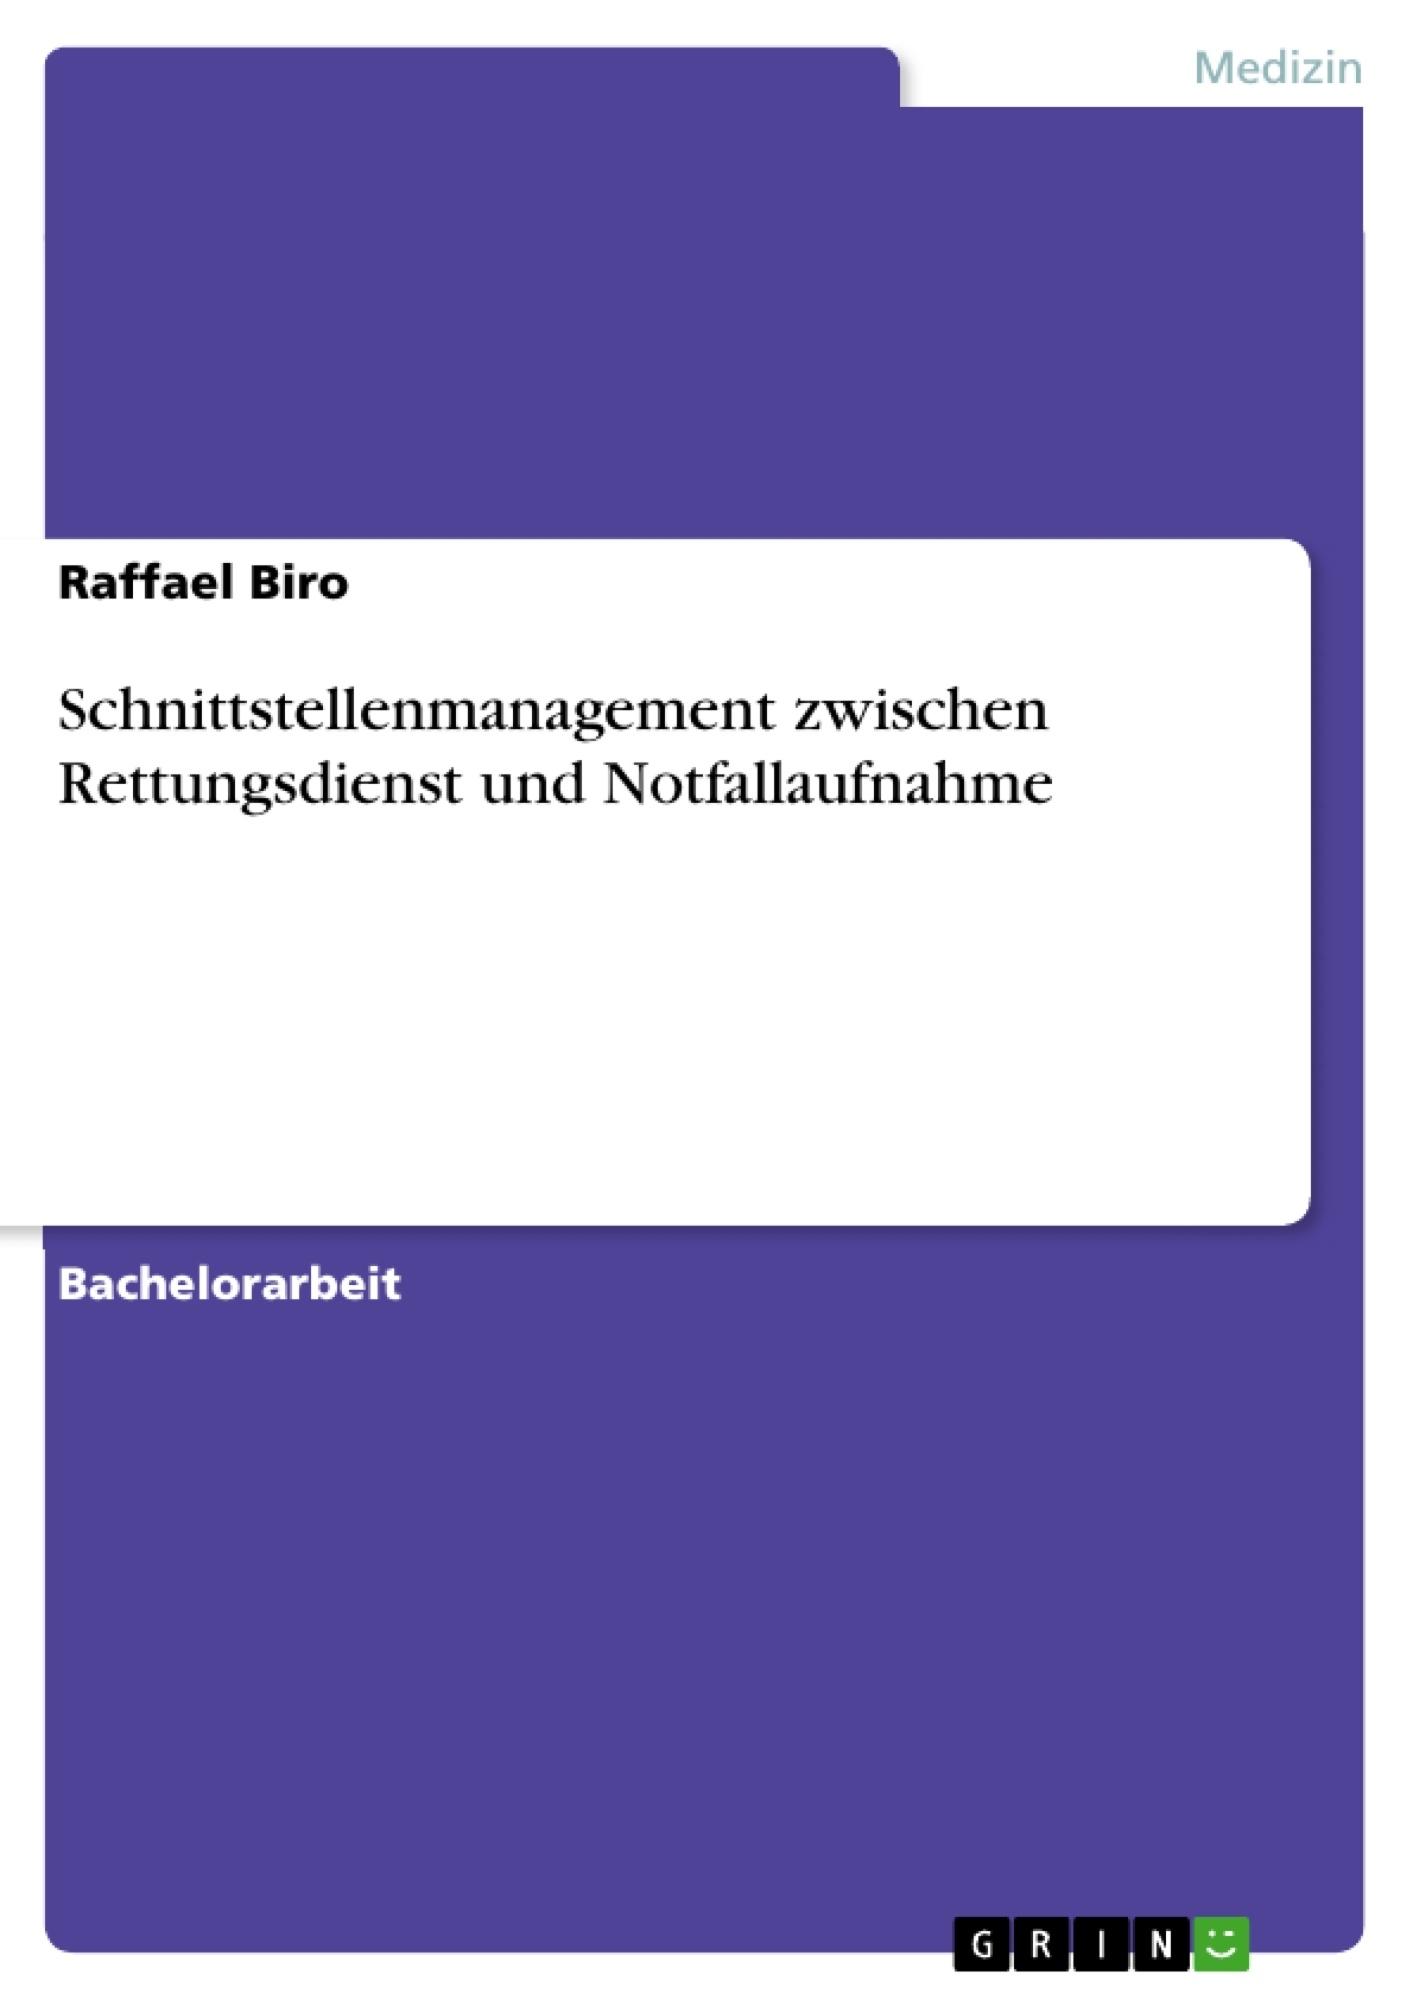 Titel: Schnittstellenmanagement zwischen Rettungsdienst und Notfallaufnahme